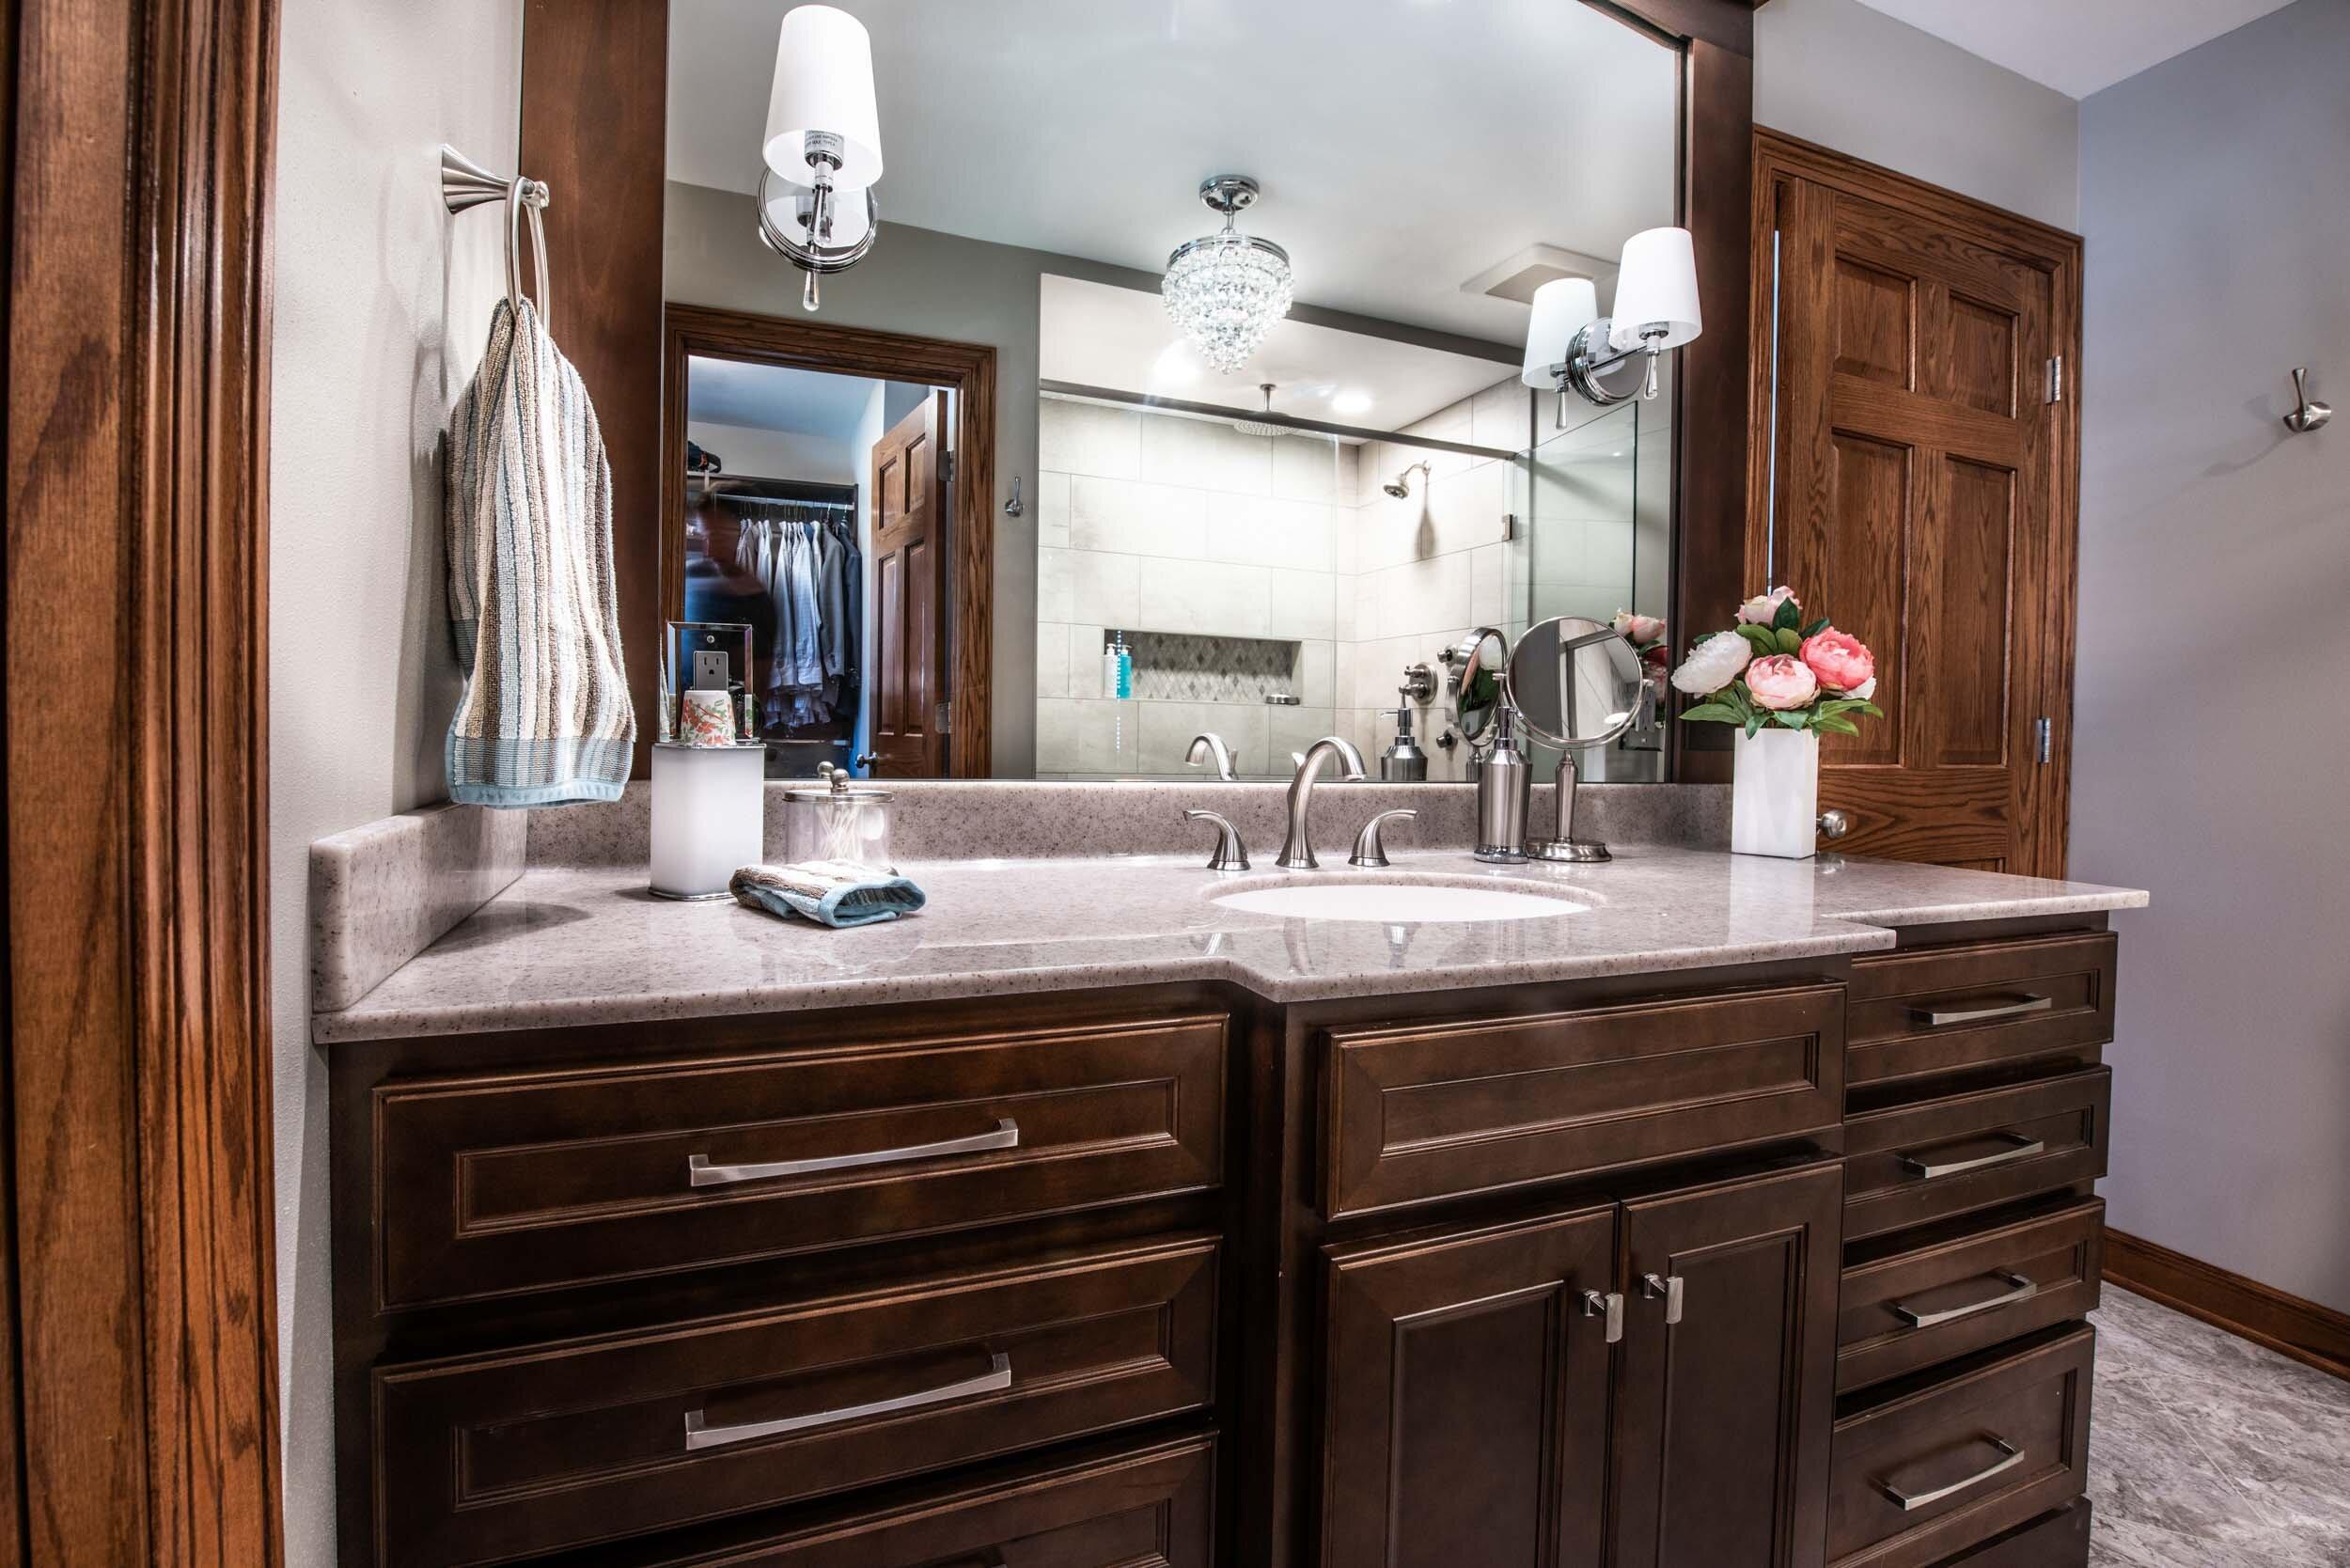 dual or single bowl vanity is one or